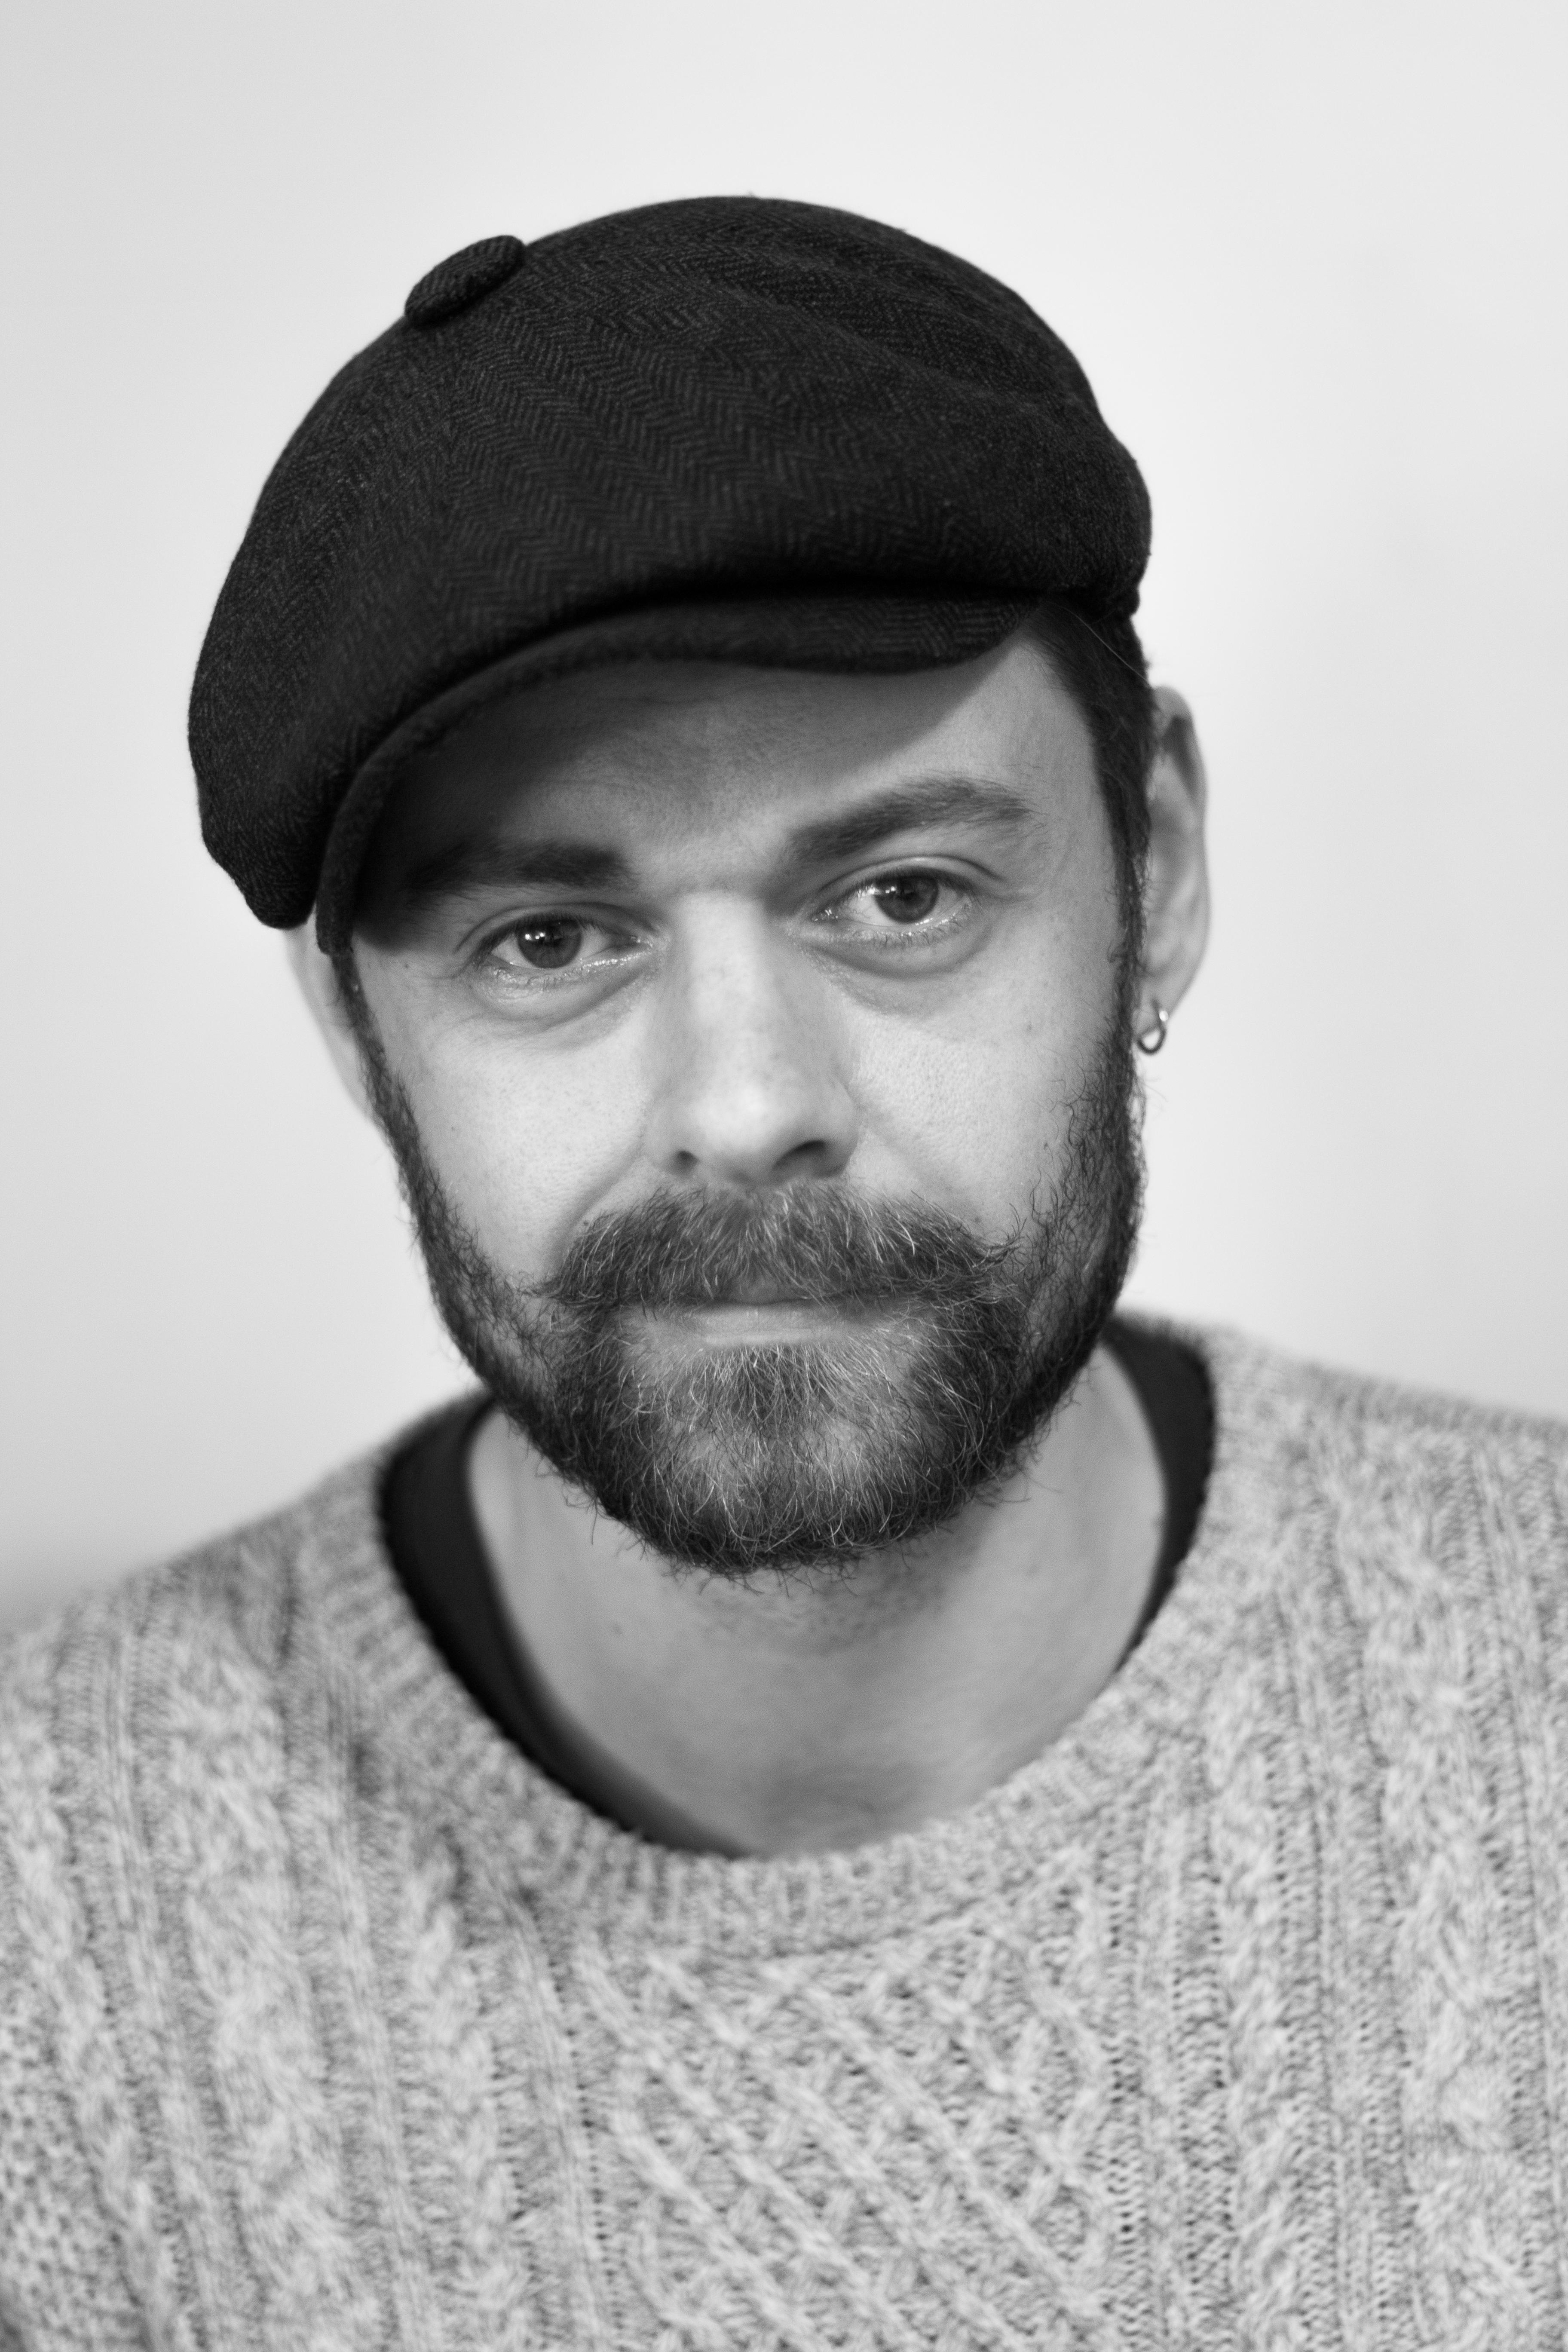 Forfatter og illustrator Arko Højholt, der debuterer for børn med Ritas soveben. Pressefoto.